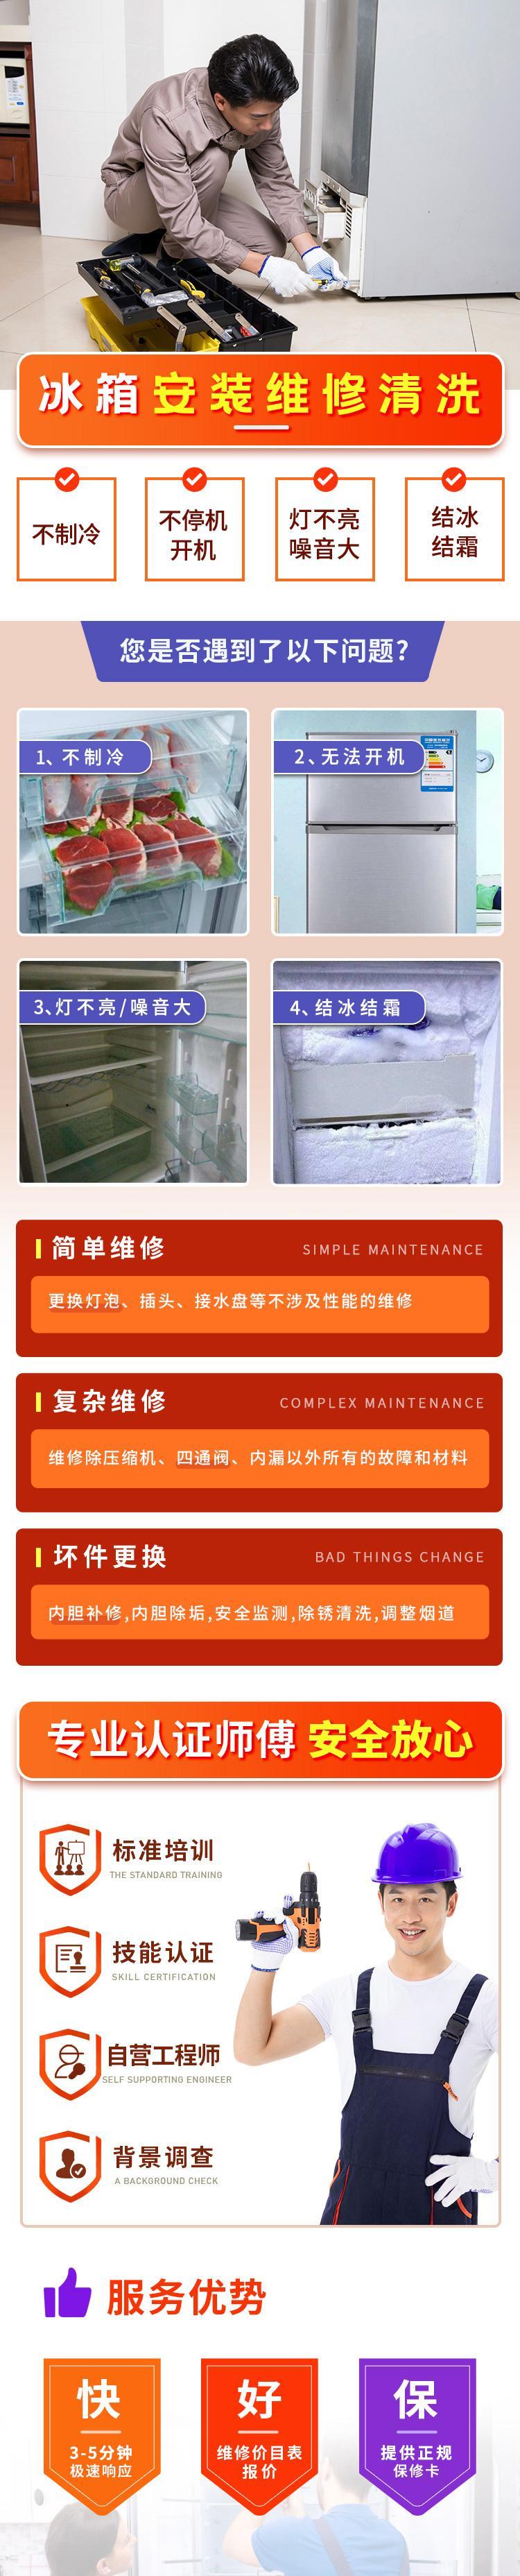 冰箱維修.jpg